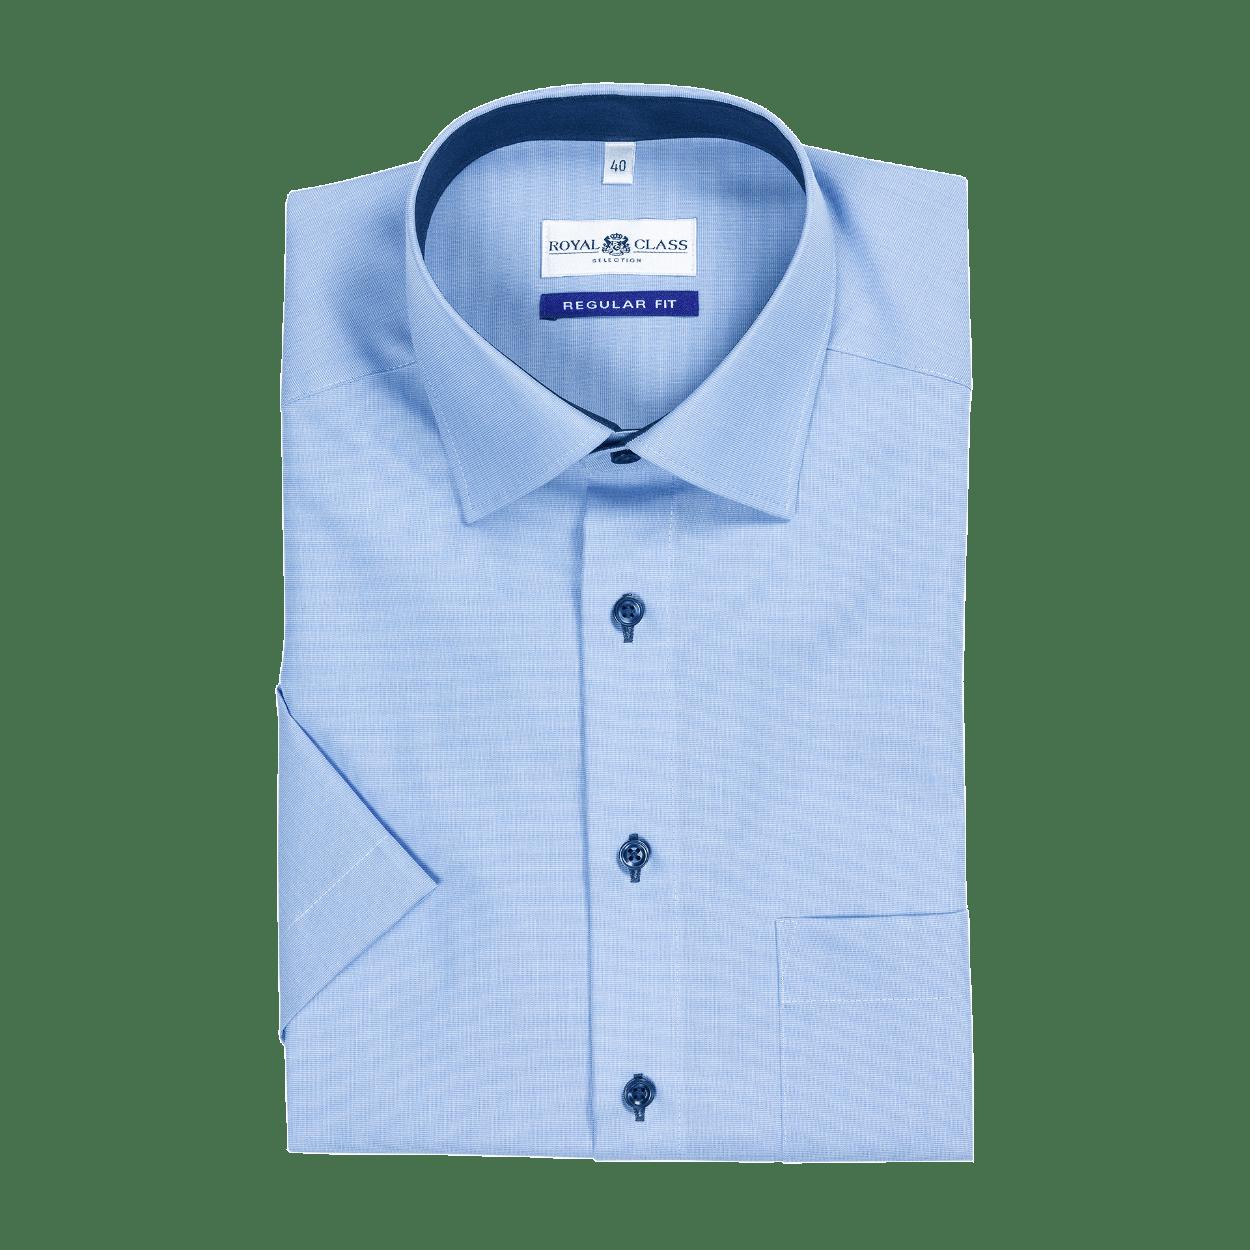 Koszula męska z krótkim rękawem niska cena w ALDI